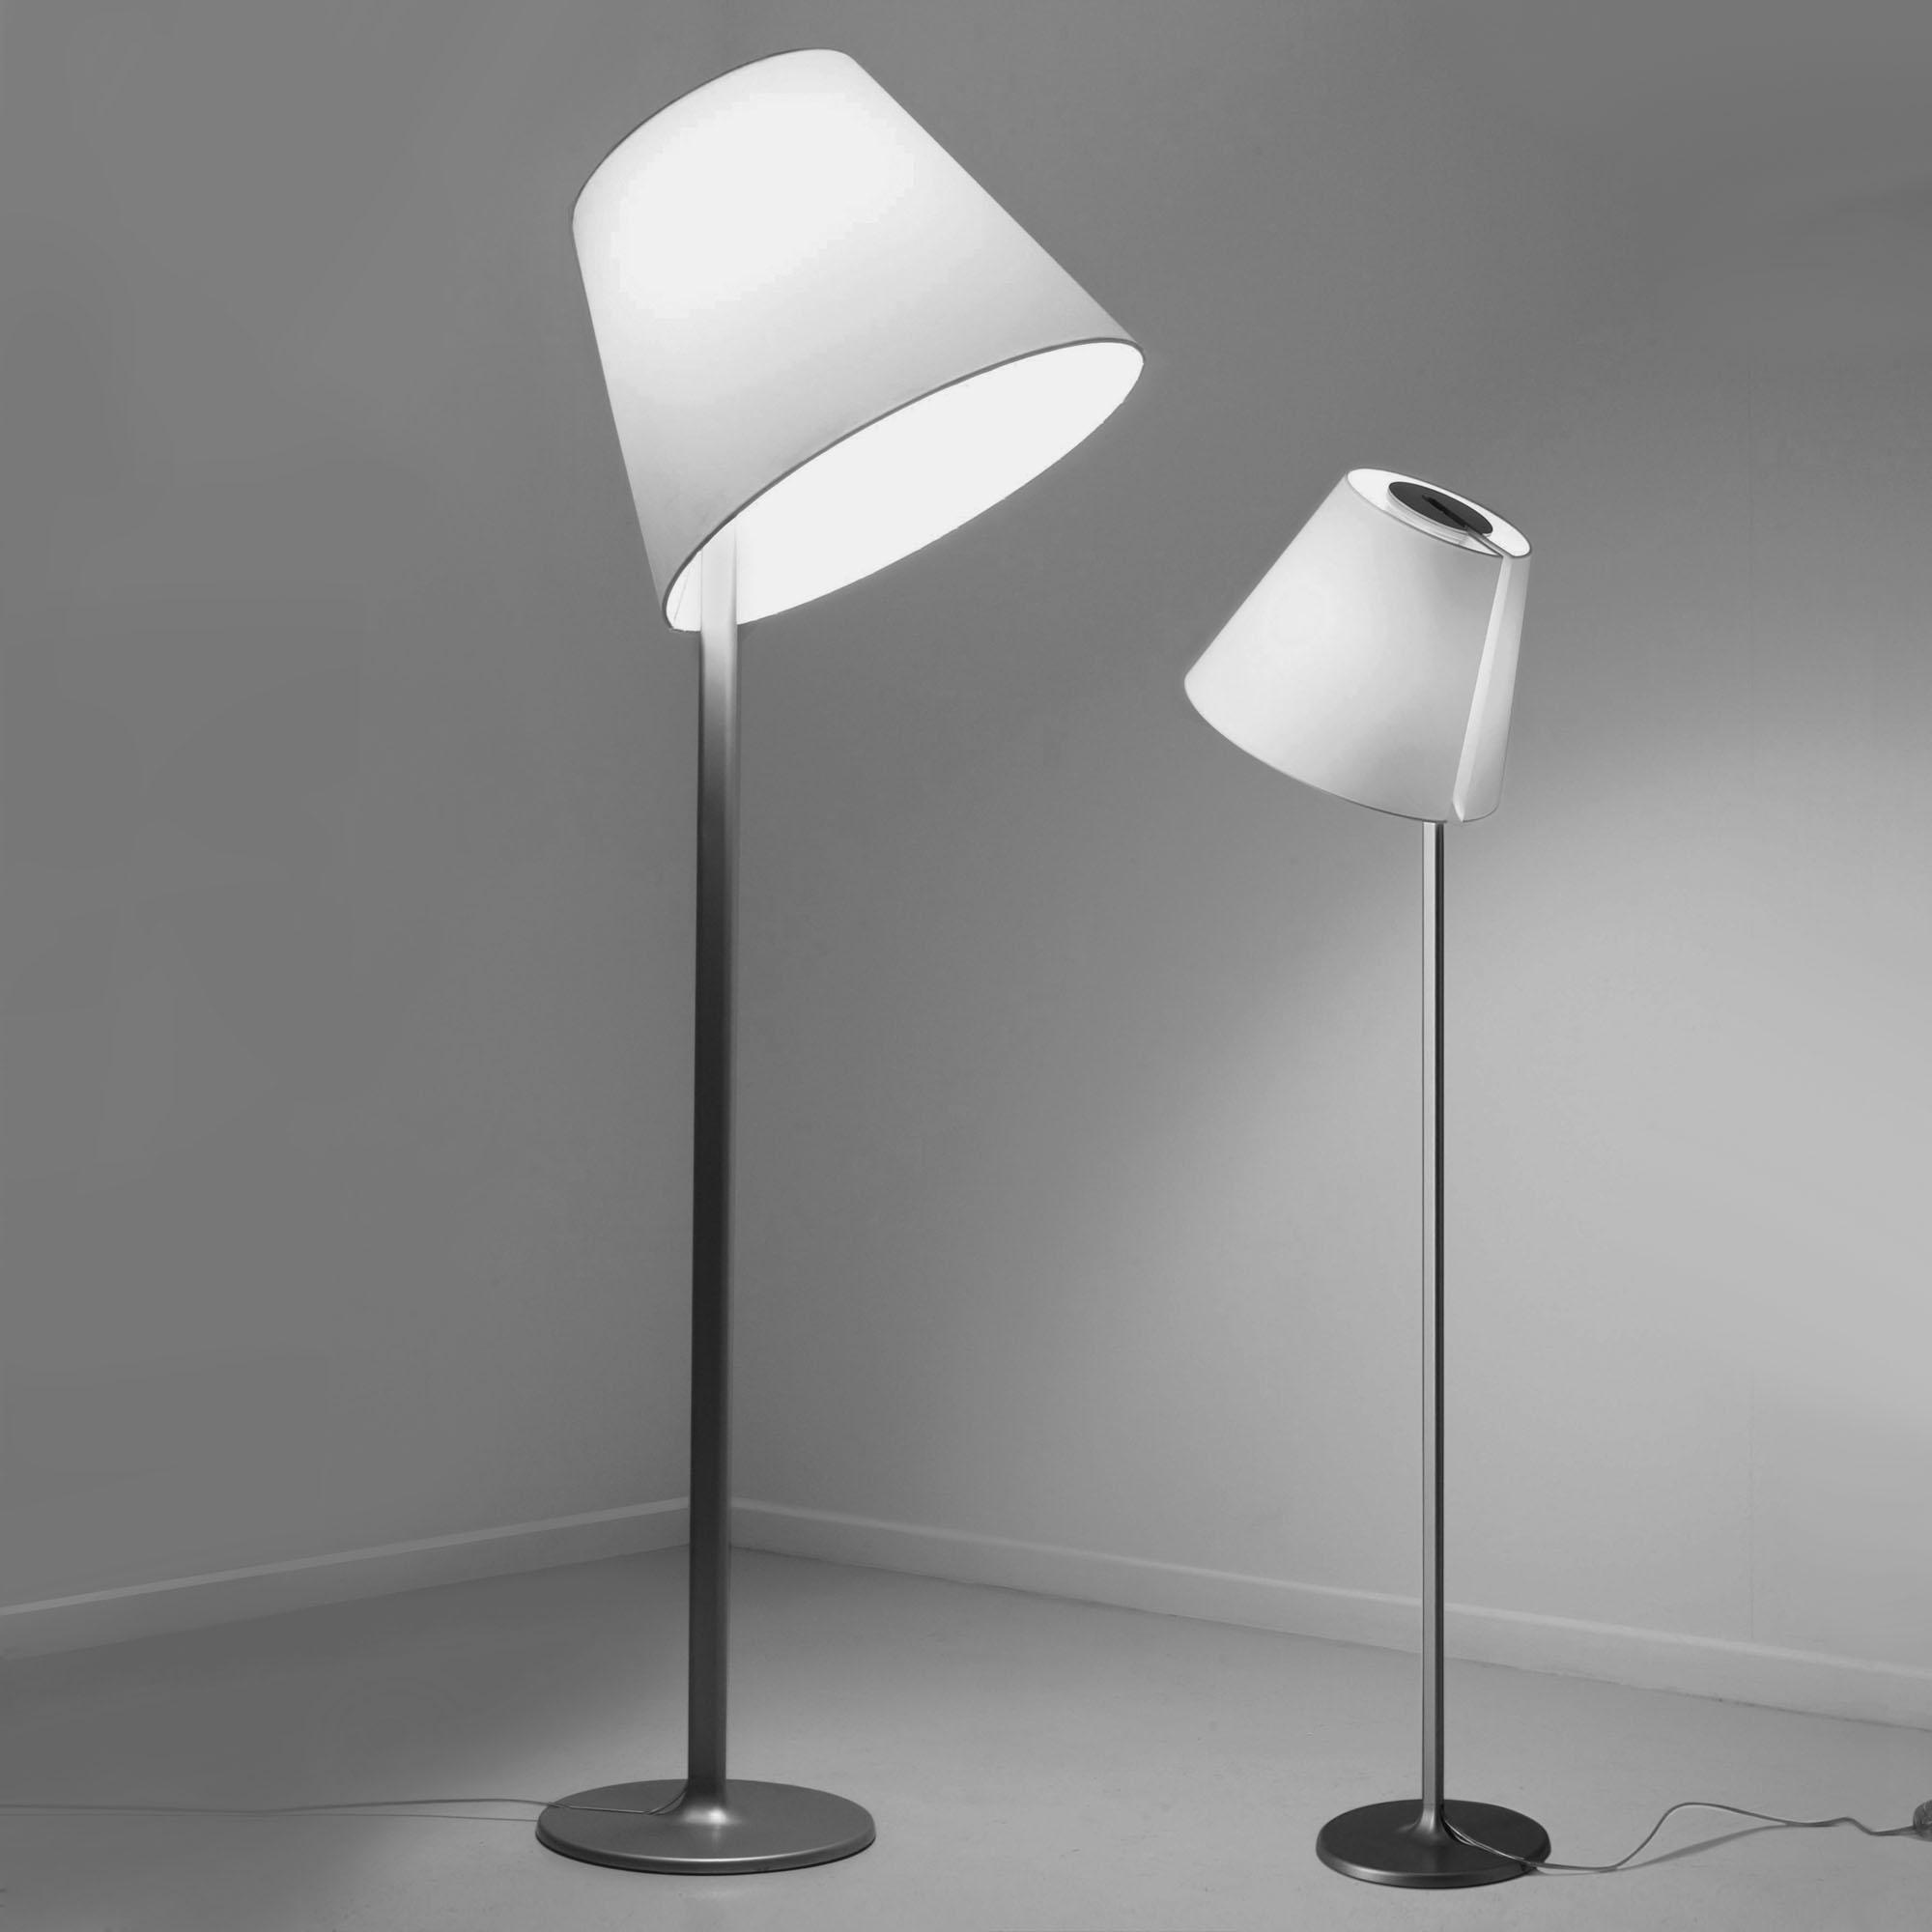 Melampo Terra lámpara de Pie Mediana max 2x52W Halógena (E27) Eco gris Aluminio